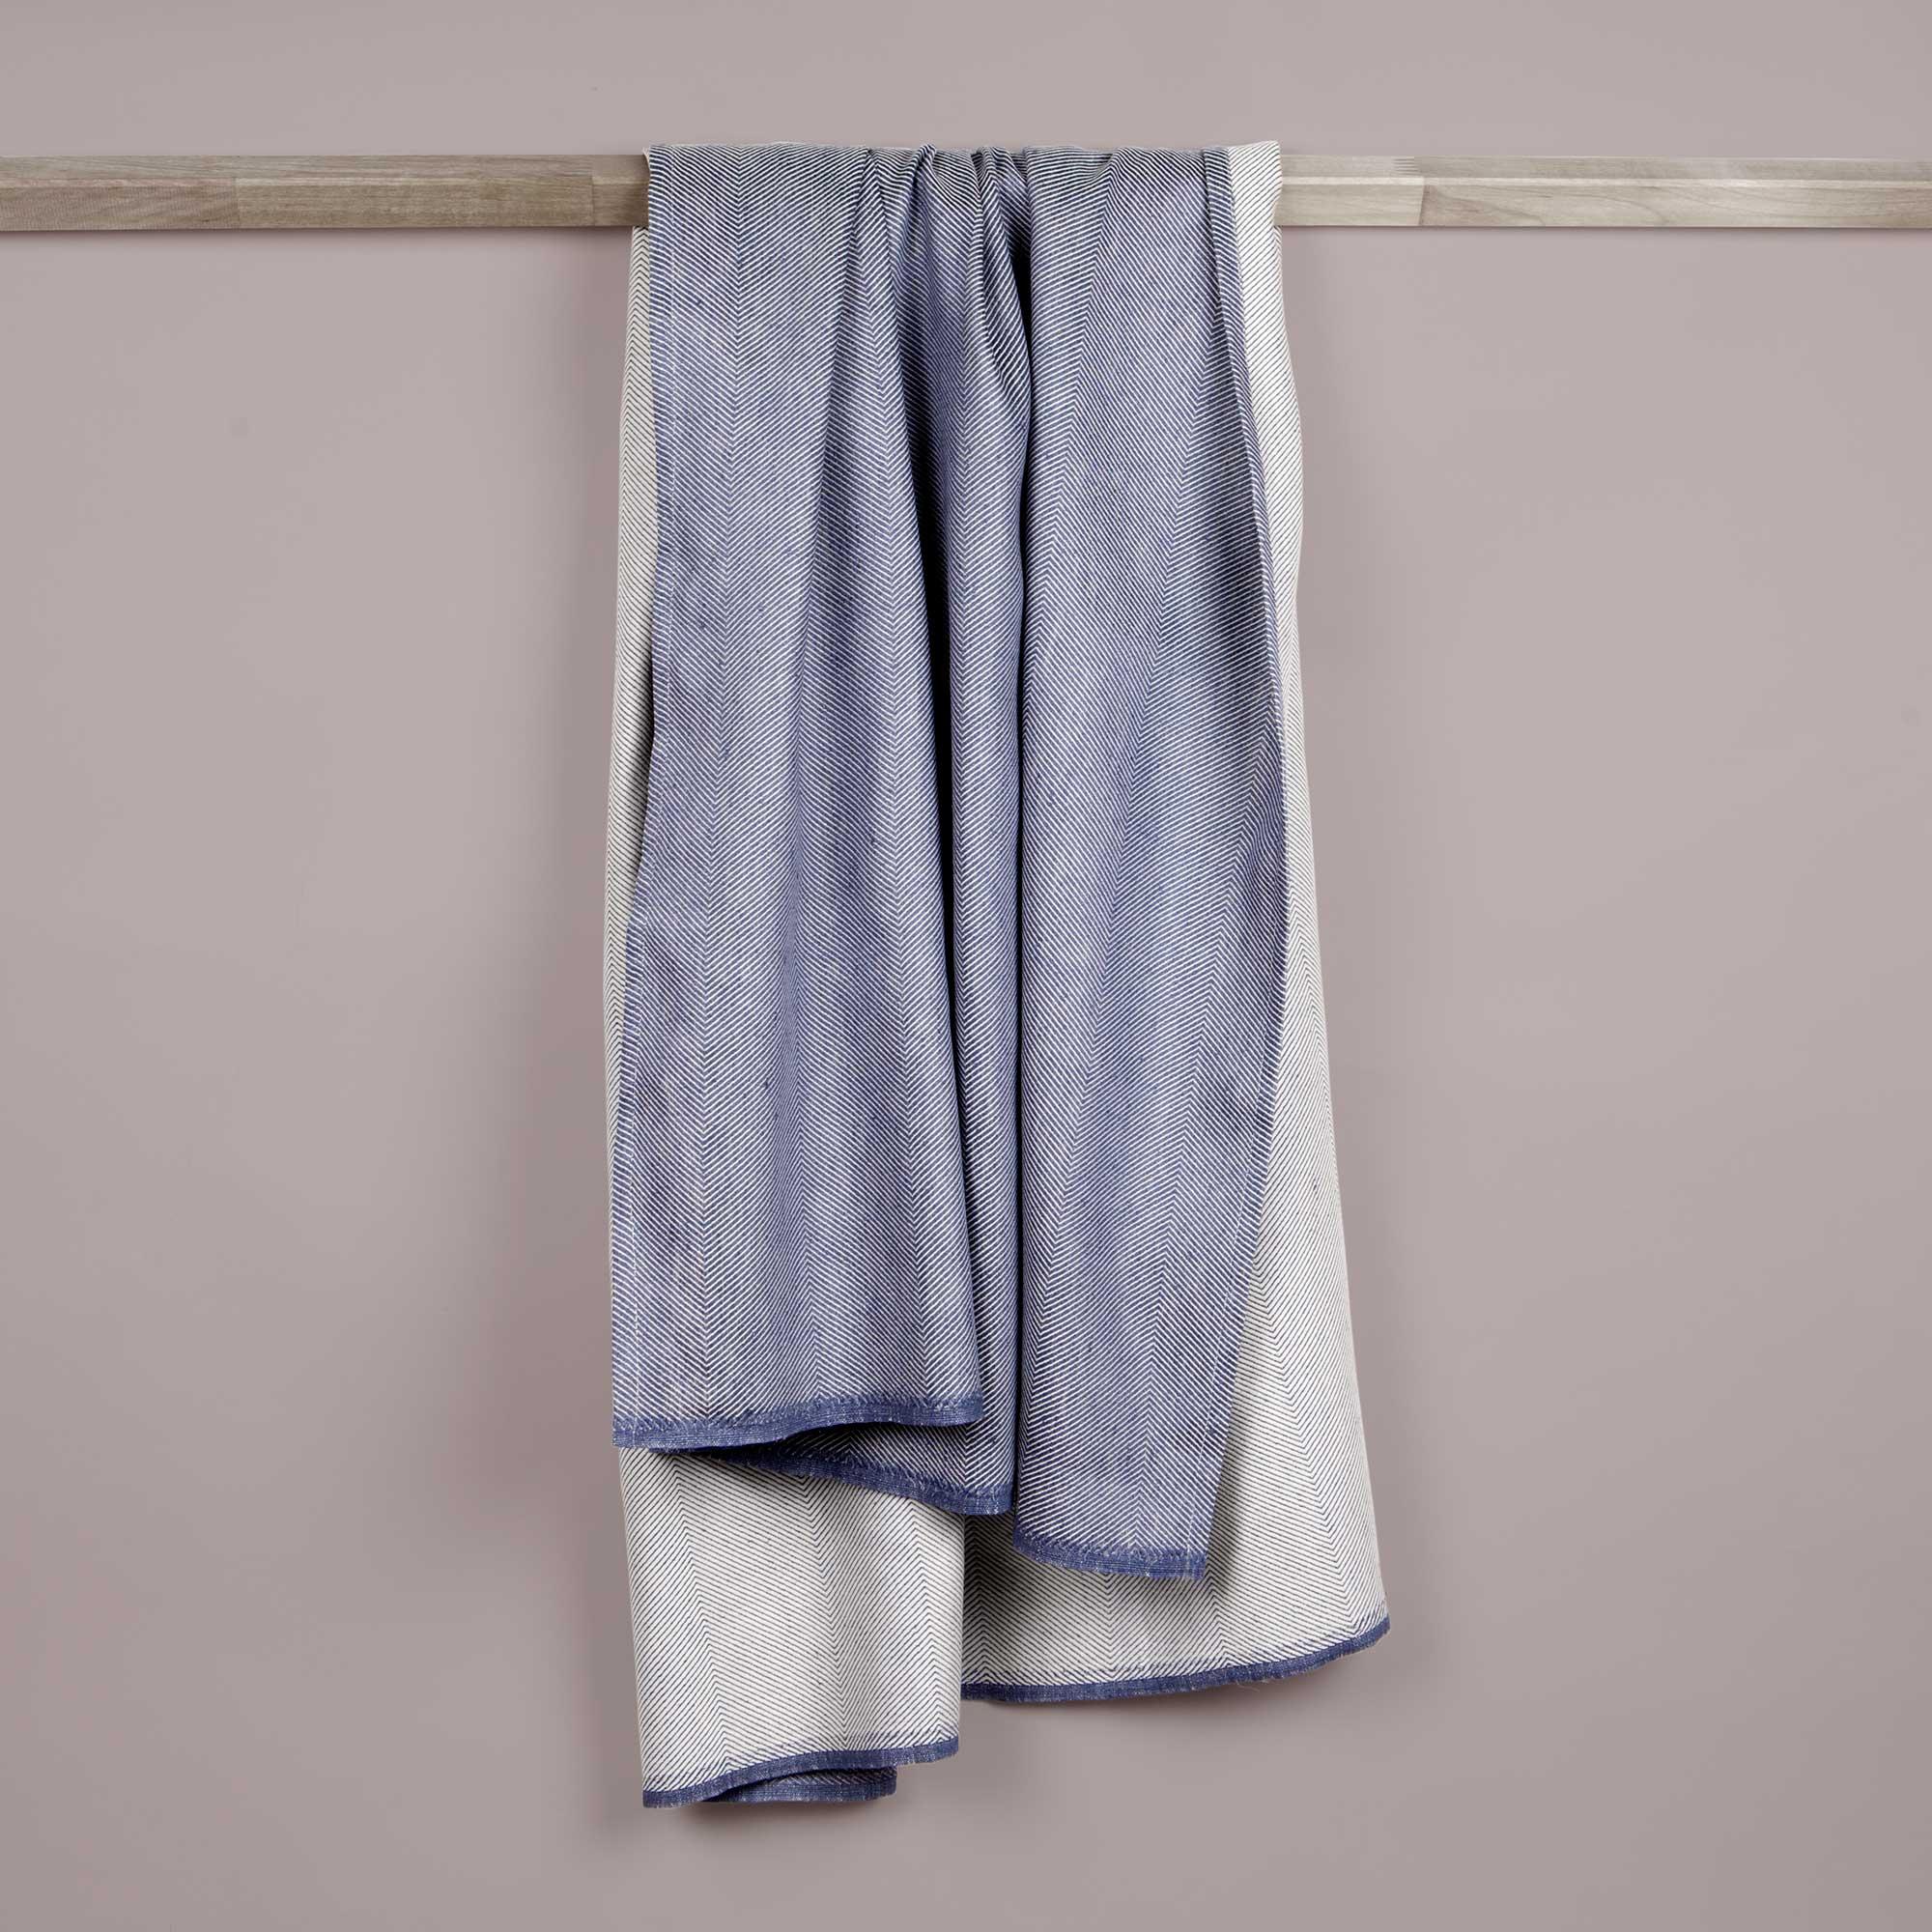 Bath towel, linen/cotton, indigo blue